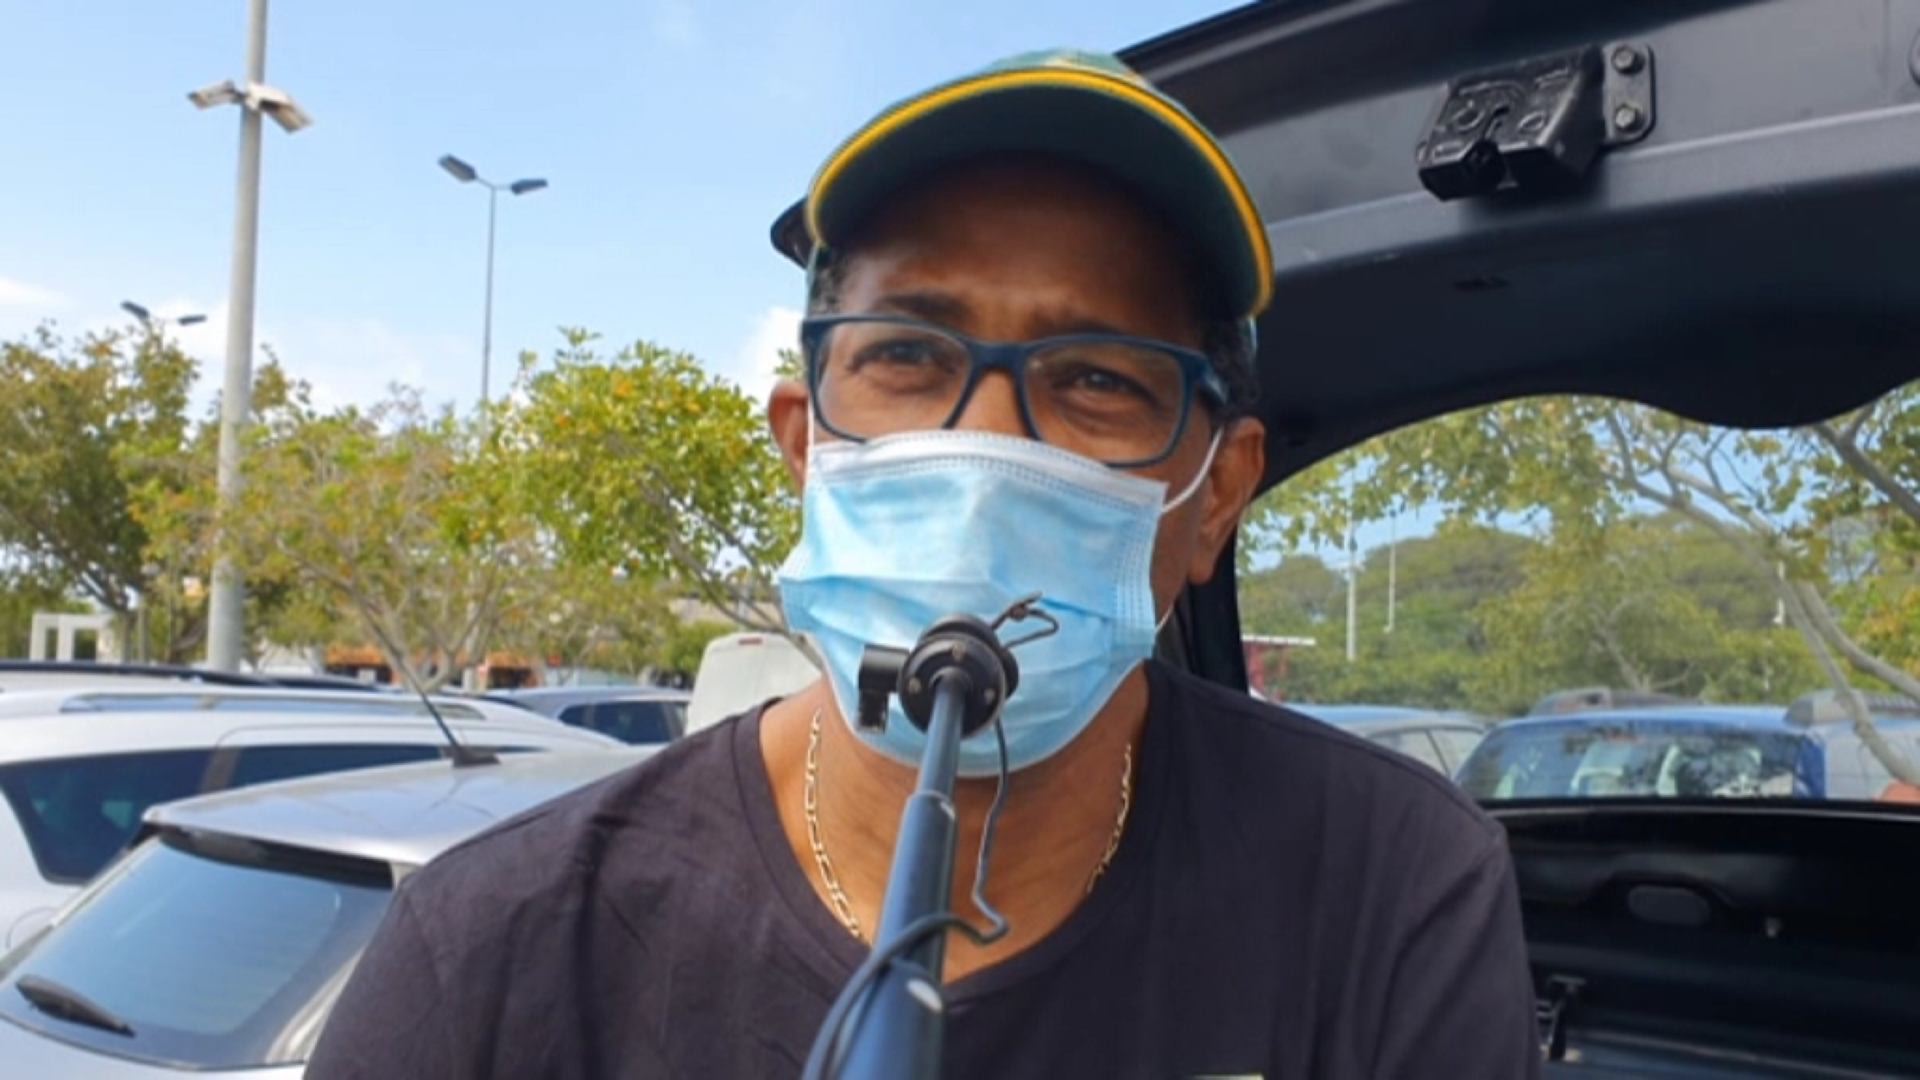 [Vidéo] Onews Martinique. Devrait-on metrre le vaccin obligatoire (micro trottoir Kmt)